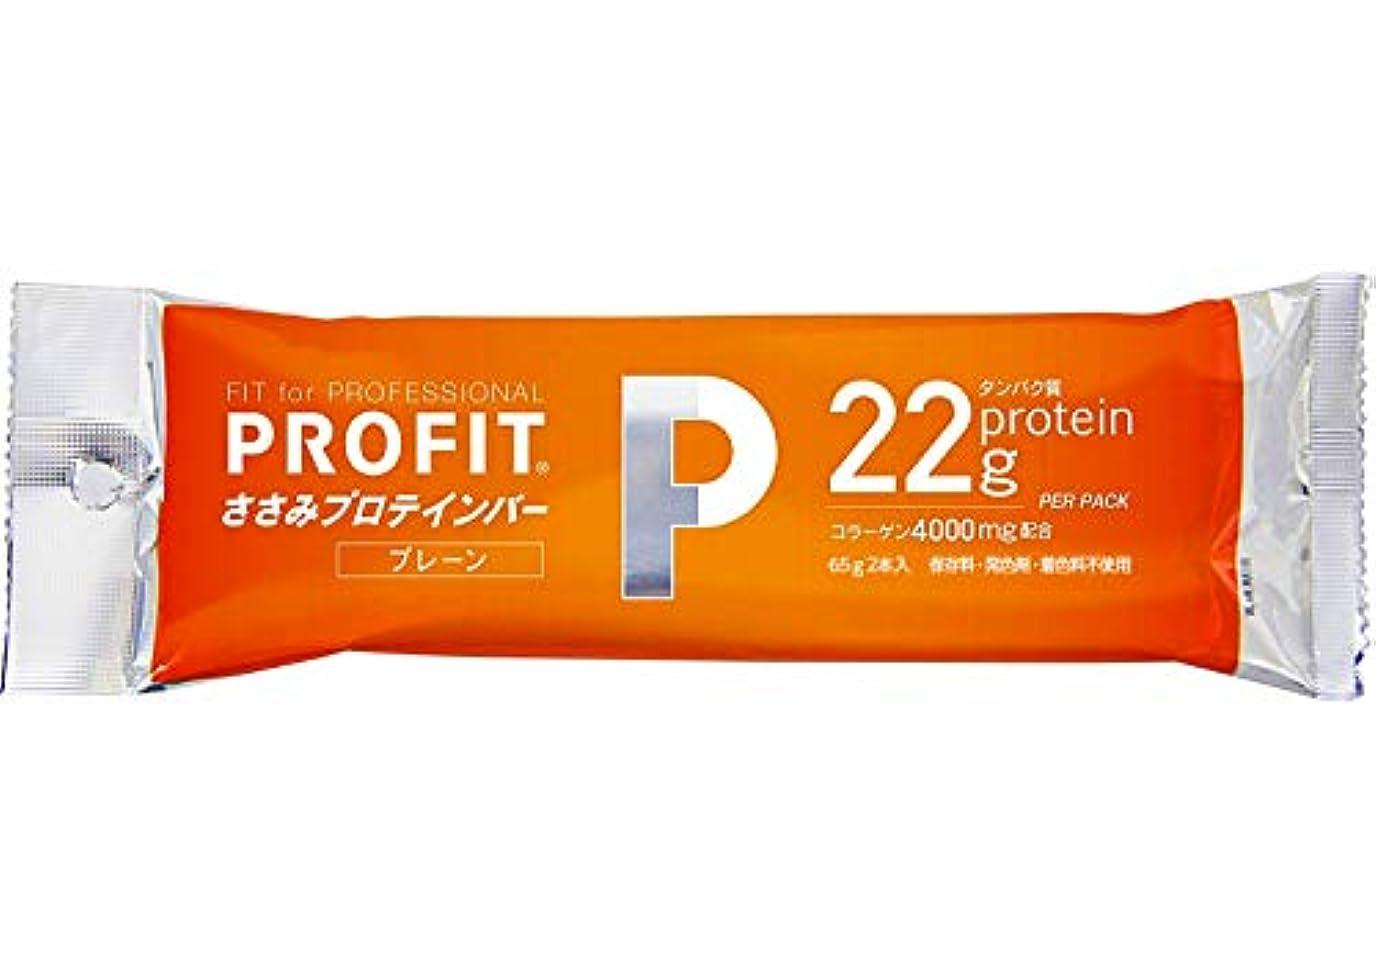 不完全検索エンジン最適化辛い丸善 PROFIT SaSami (プロフィット) ささみプロテインバー プレーンタイプ 1箱 (10袋入り) ×2箱